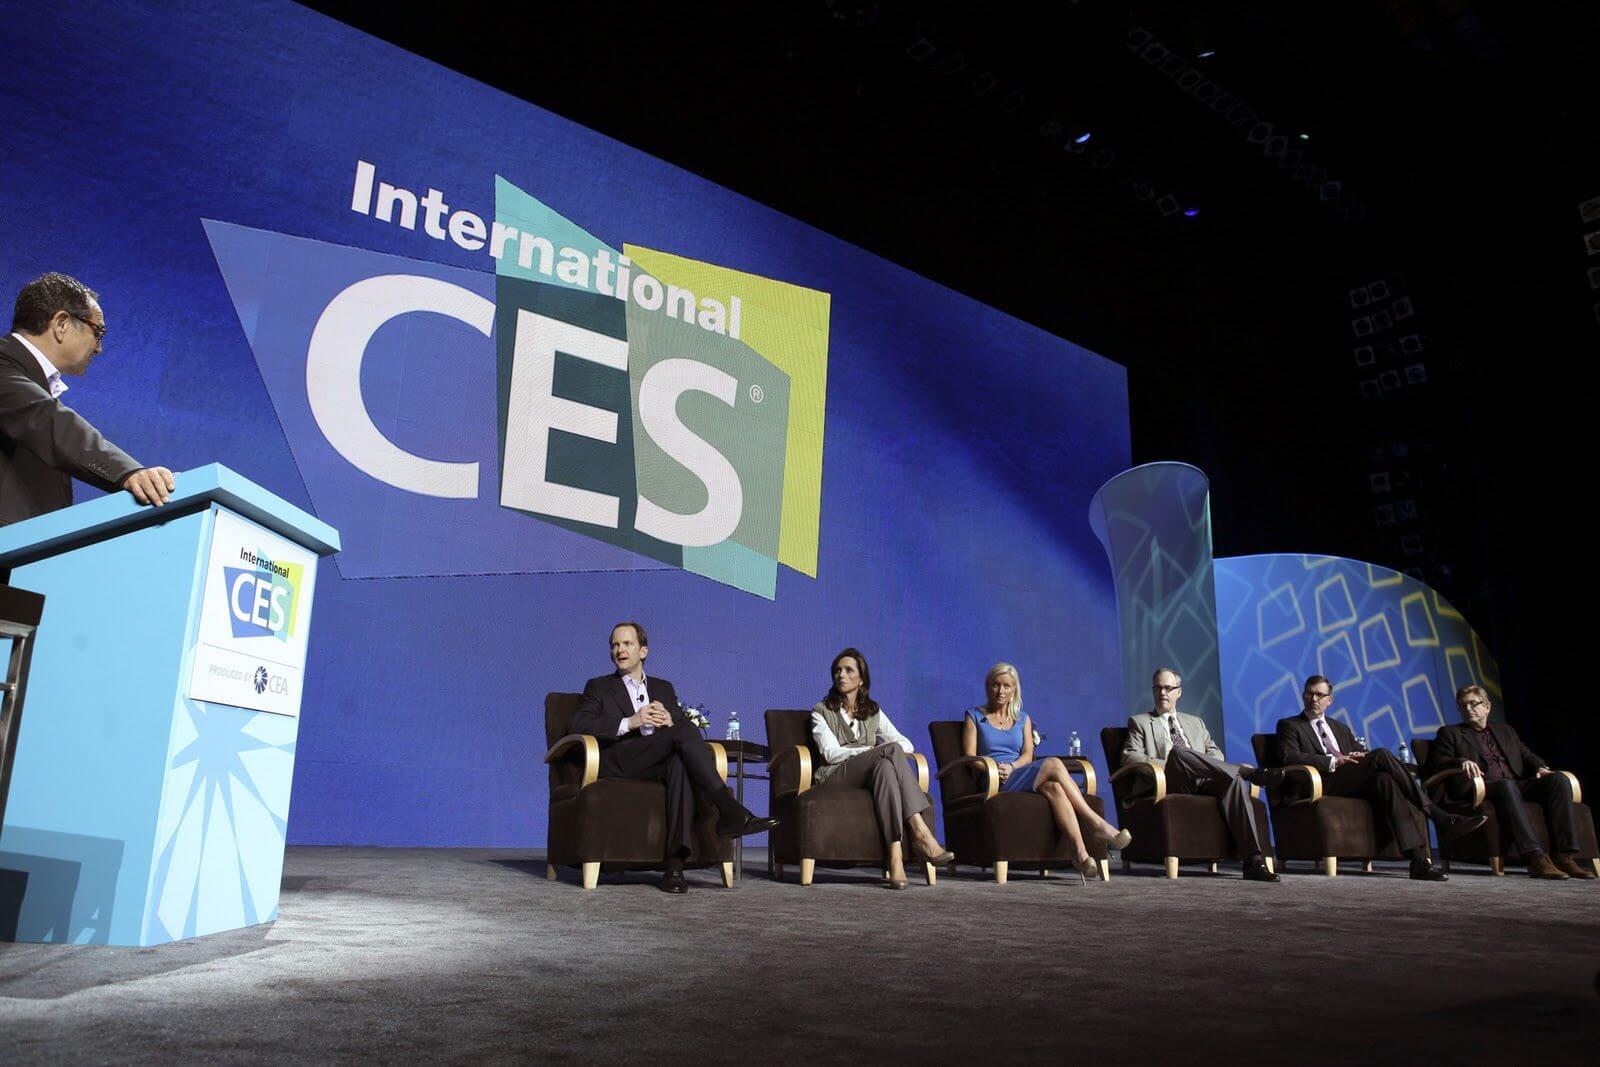 CEs 4 copie - CES 2018: o que esperar da maior feira de eletrônicos do mundo